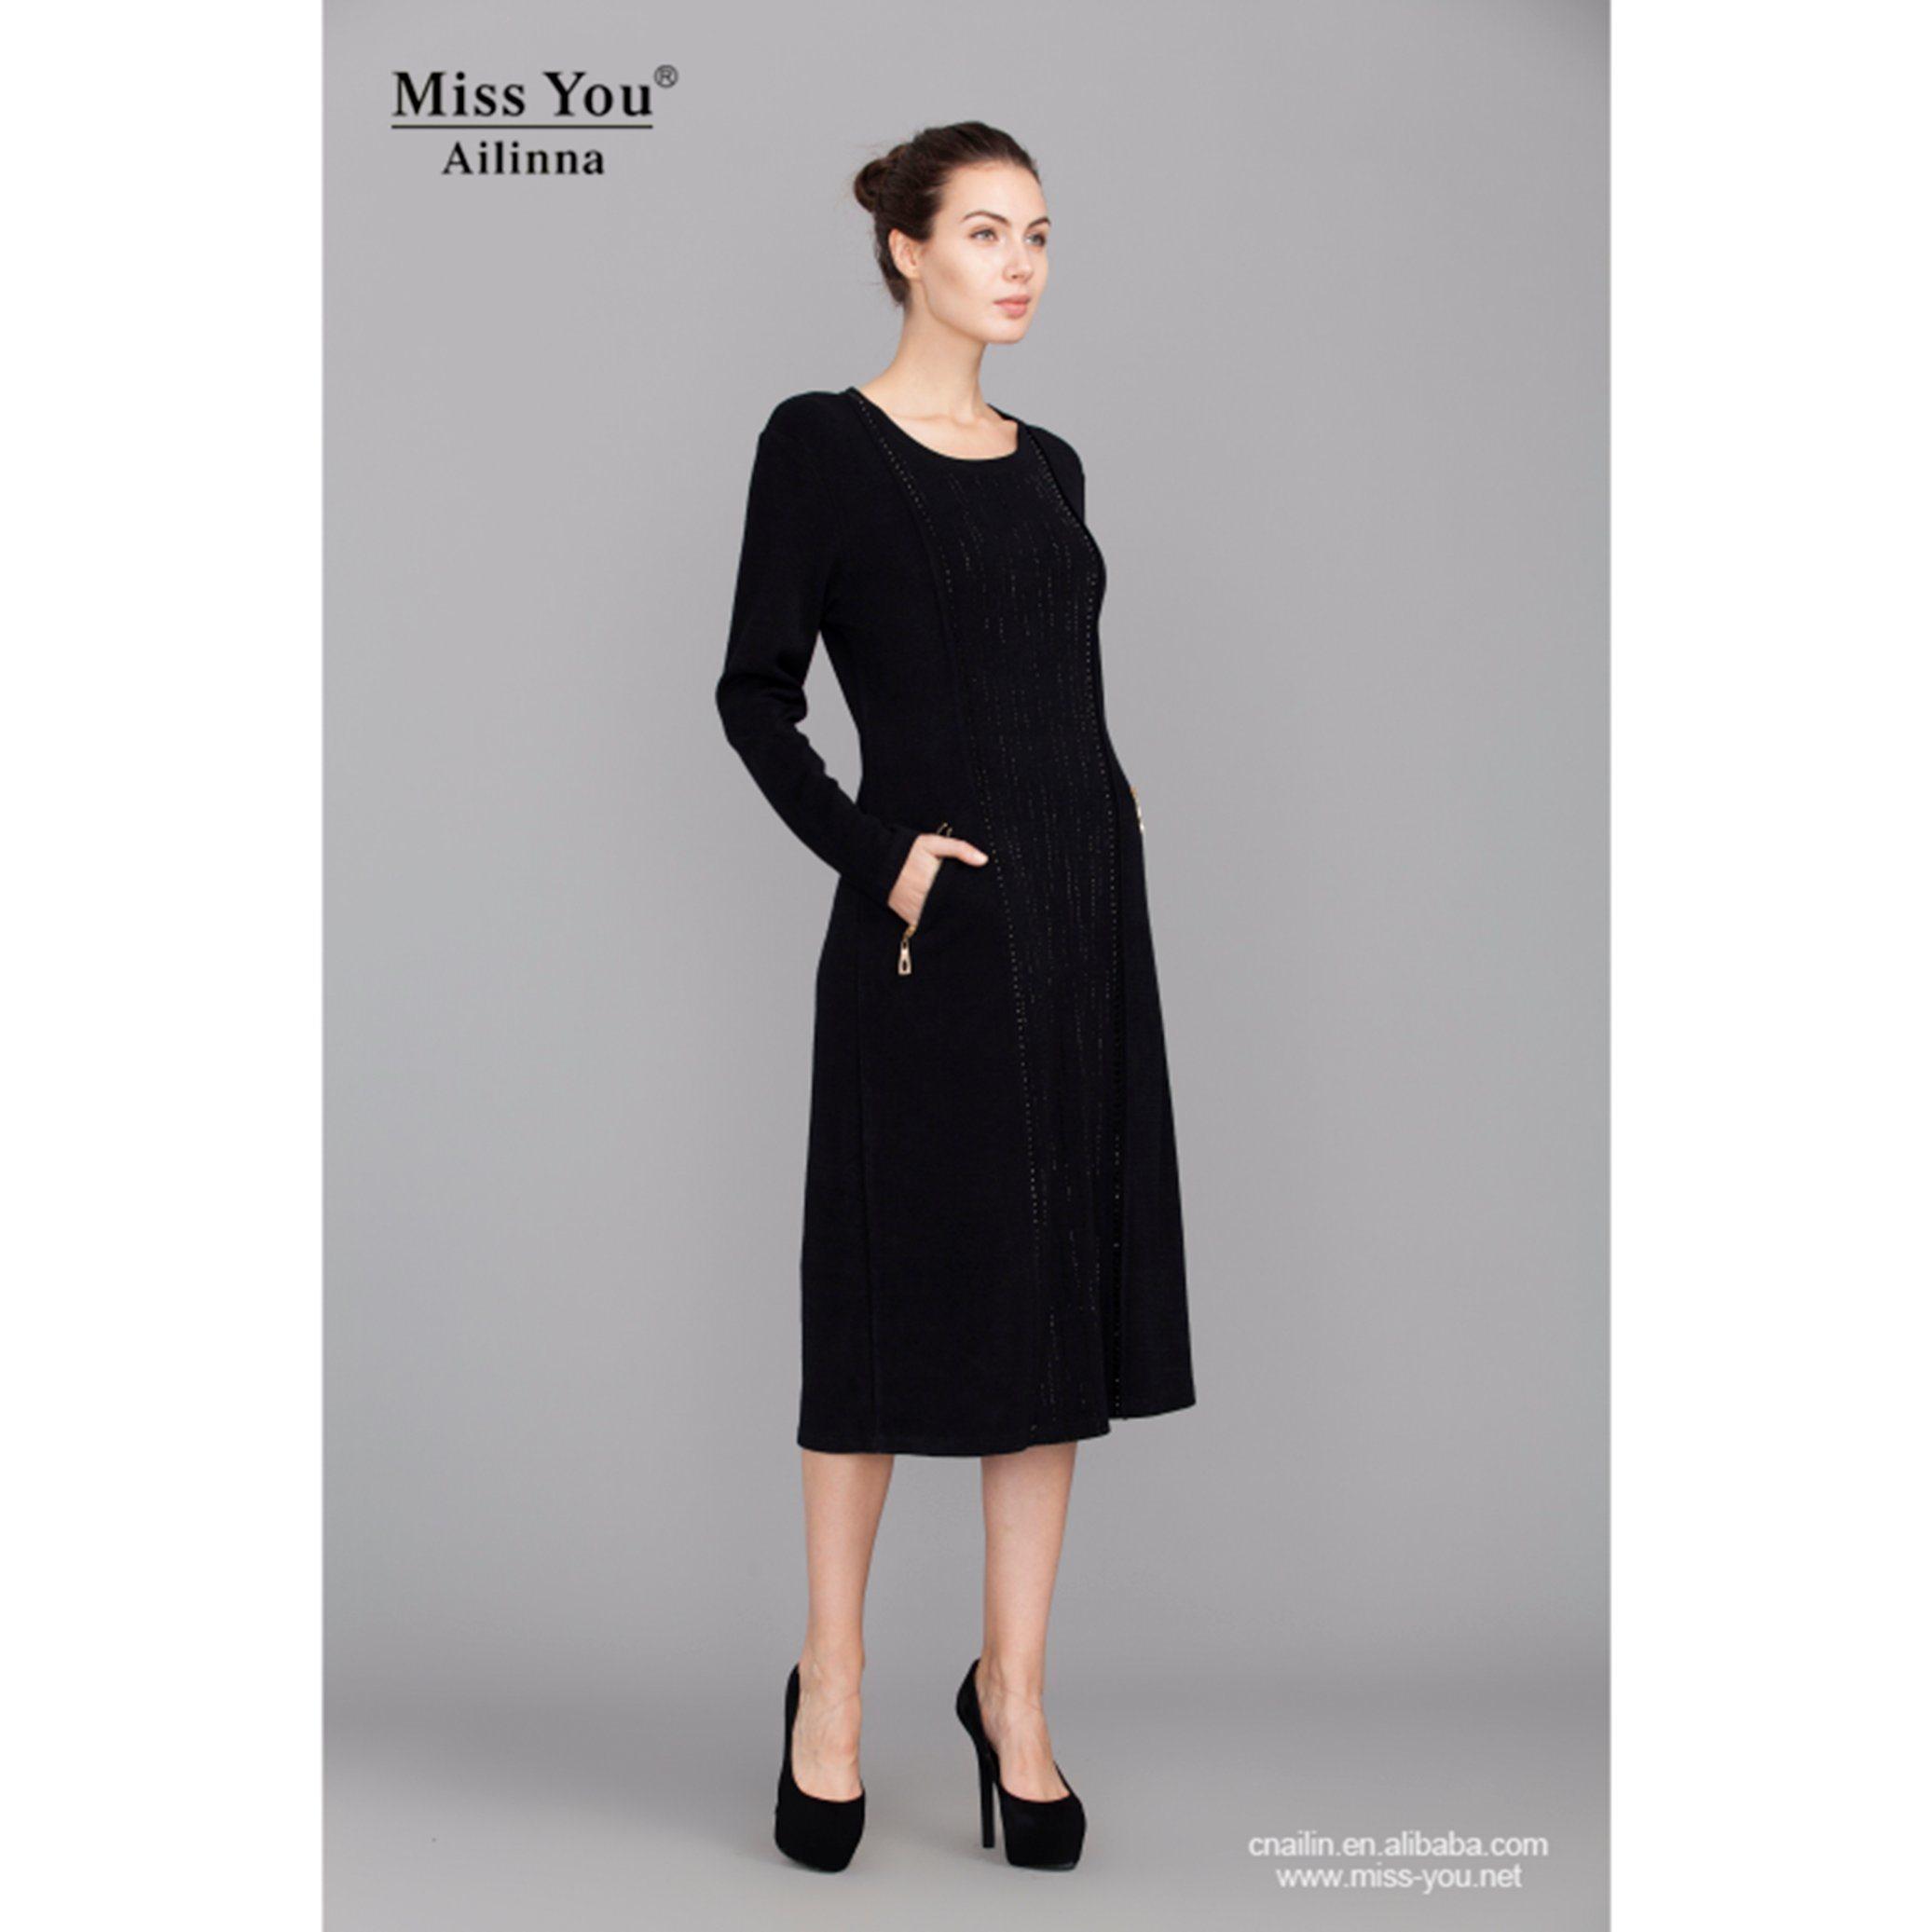 Miss You Ailinna 780163 Ladies Long Black Dress Wool Warm Dress